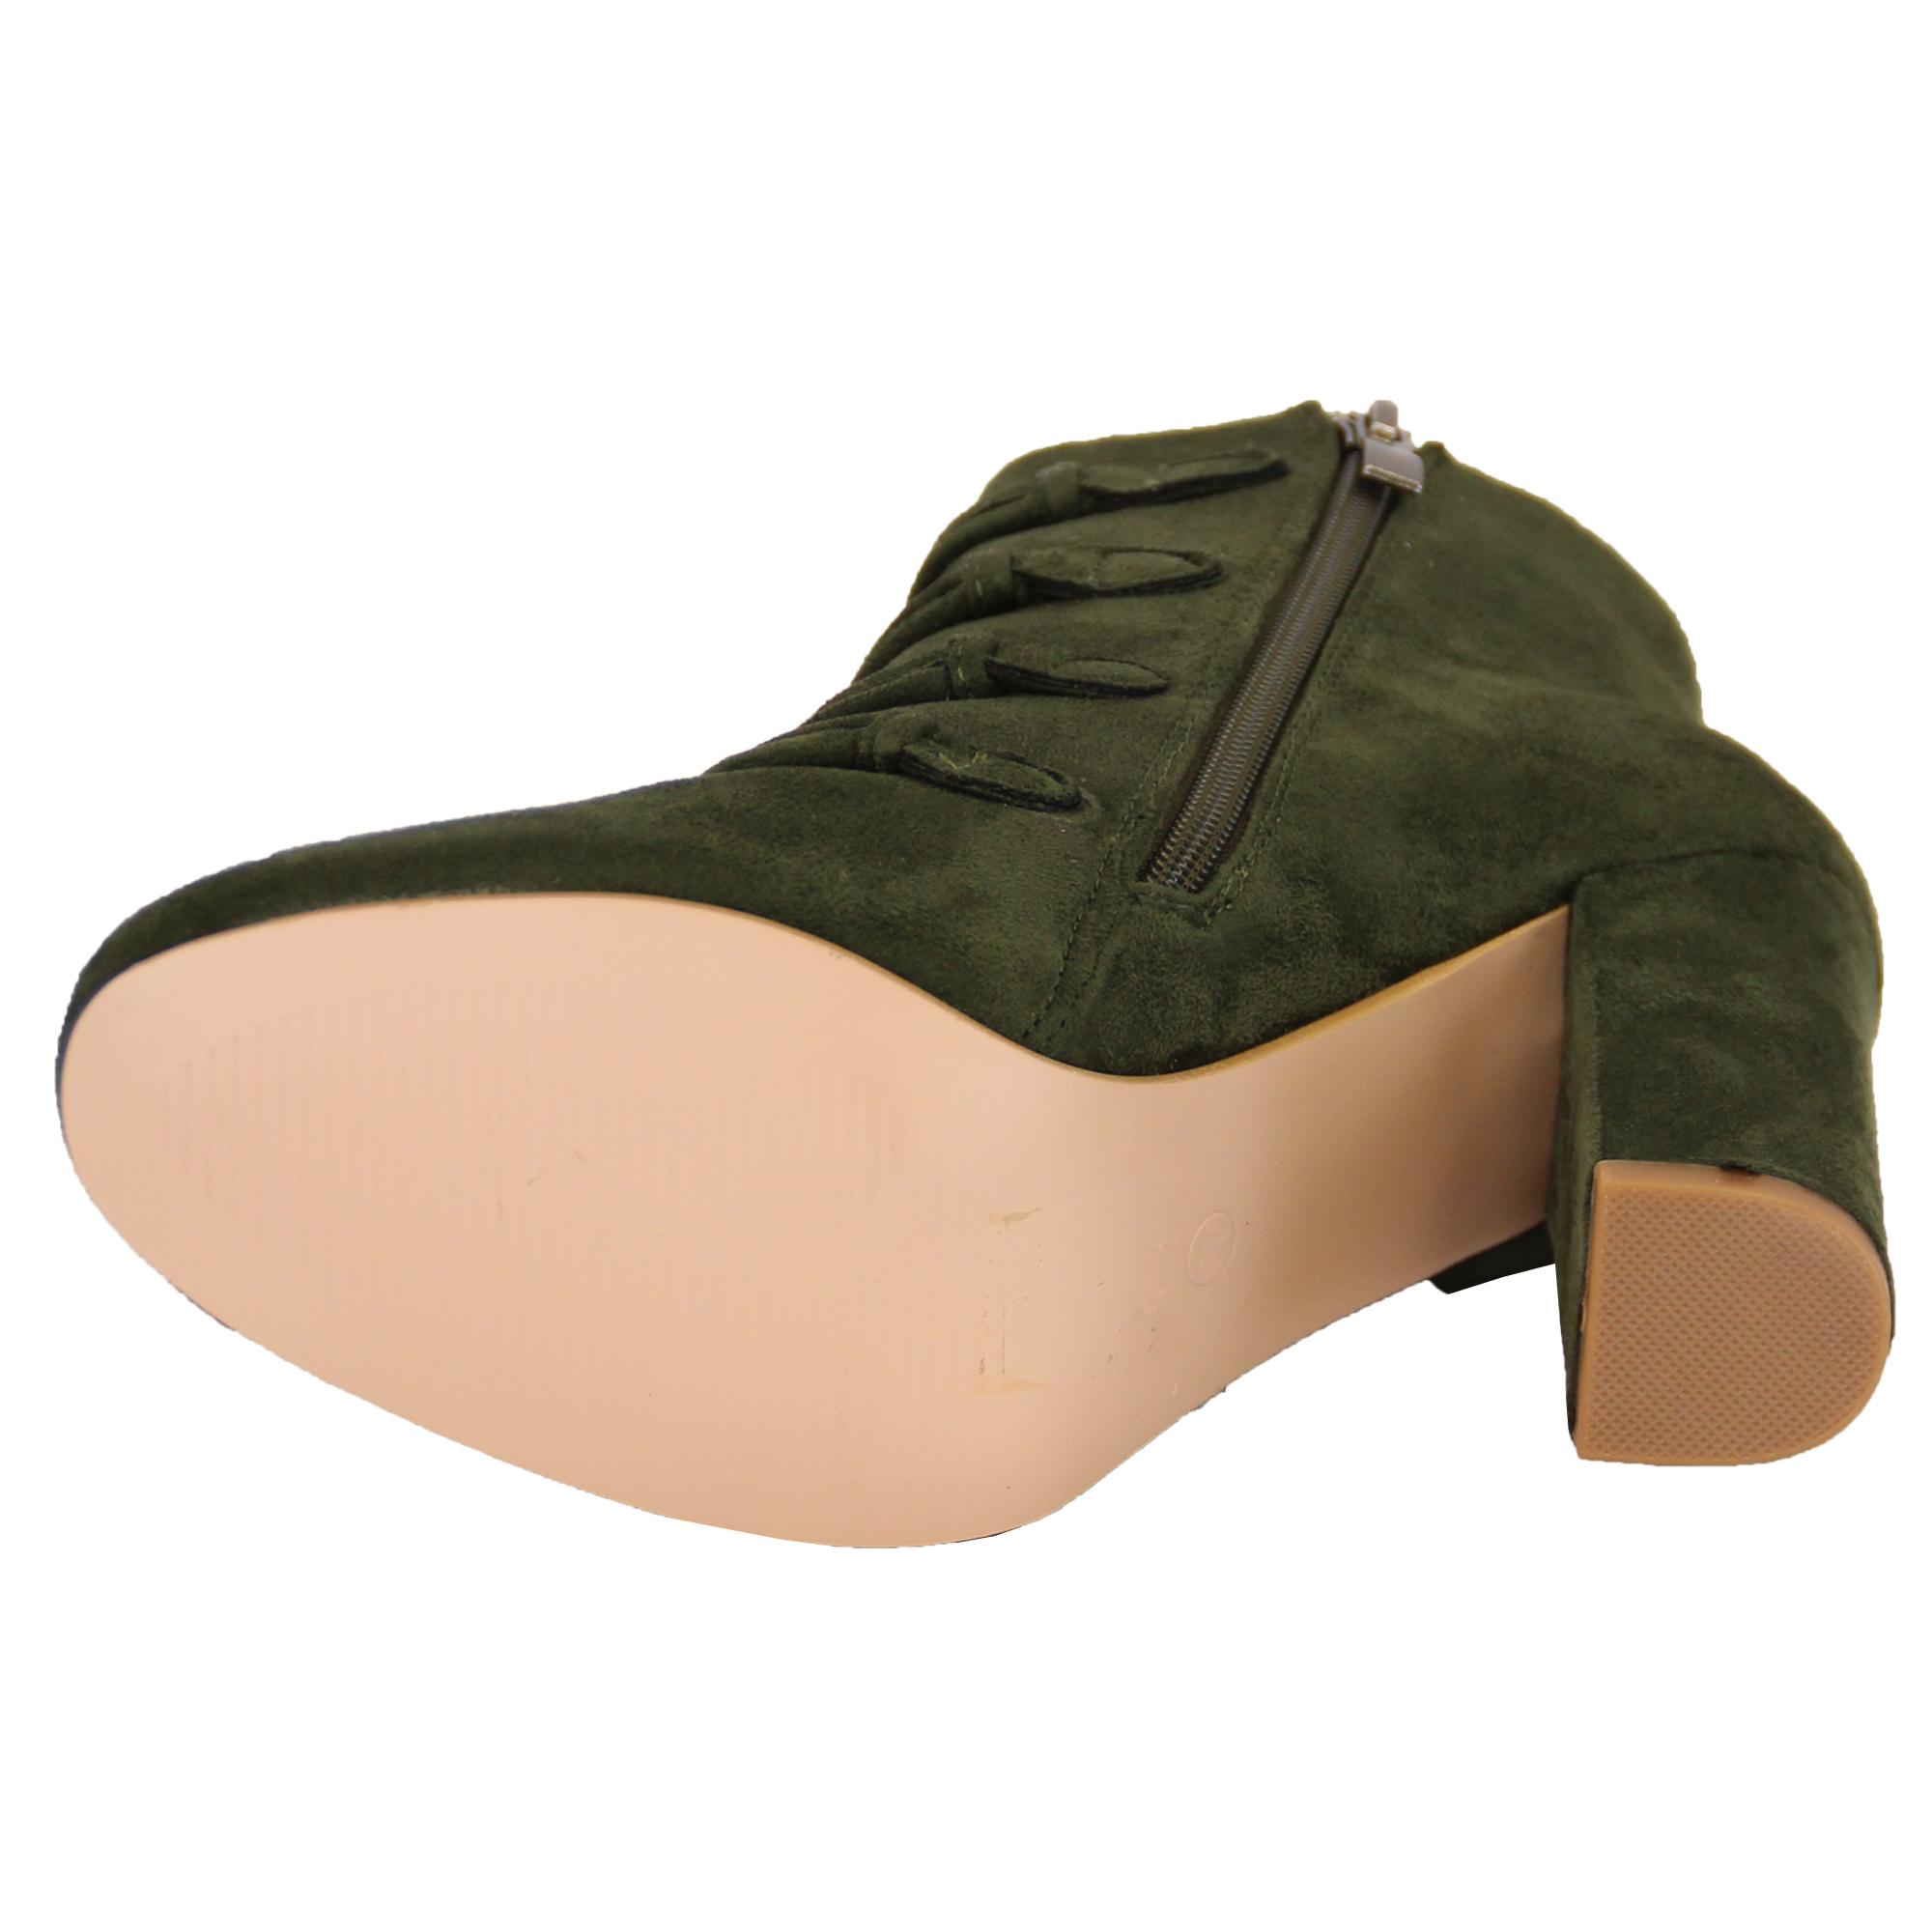 chelsea boots womens suede look block heel shoes